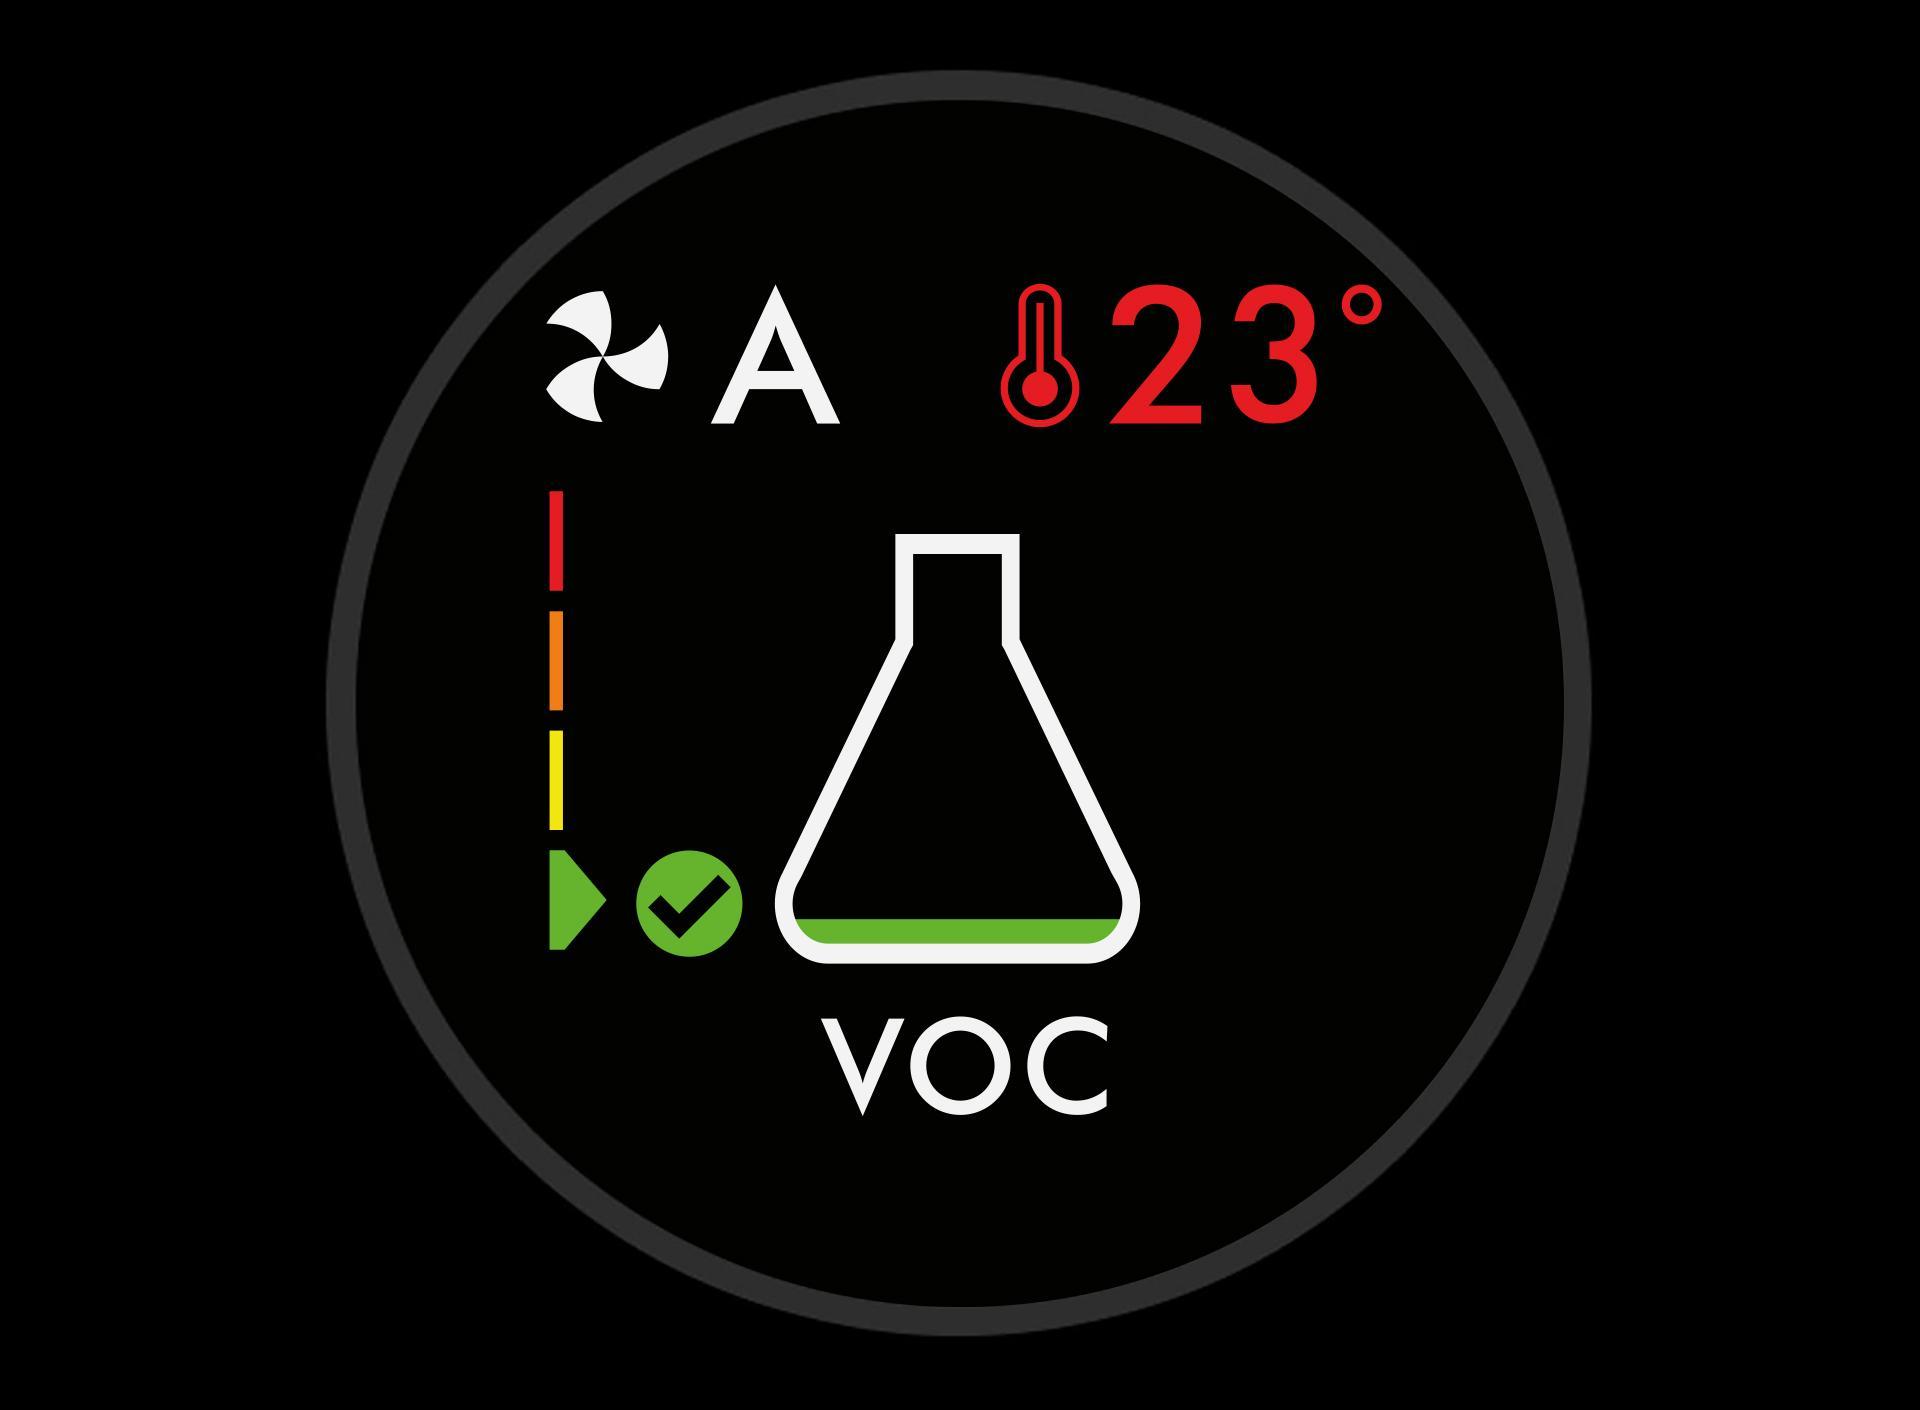 VOC level